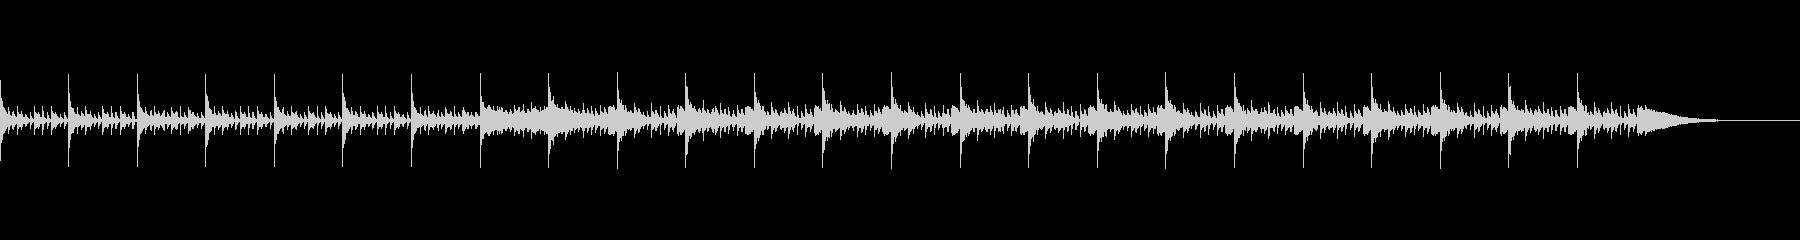 コーポレートテクスチャ―7の未再生の波形